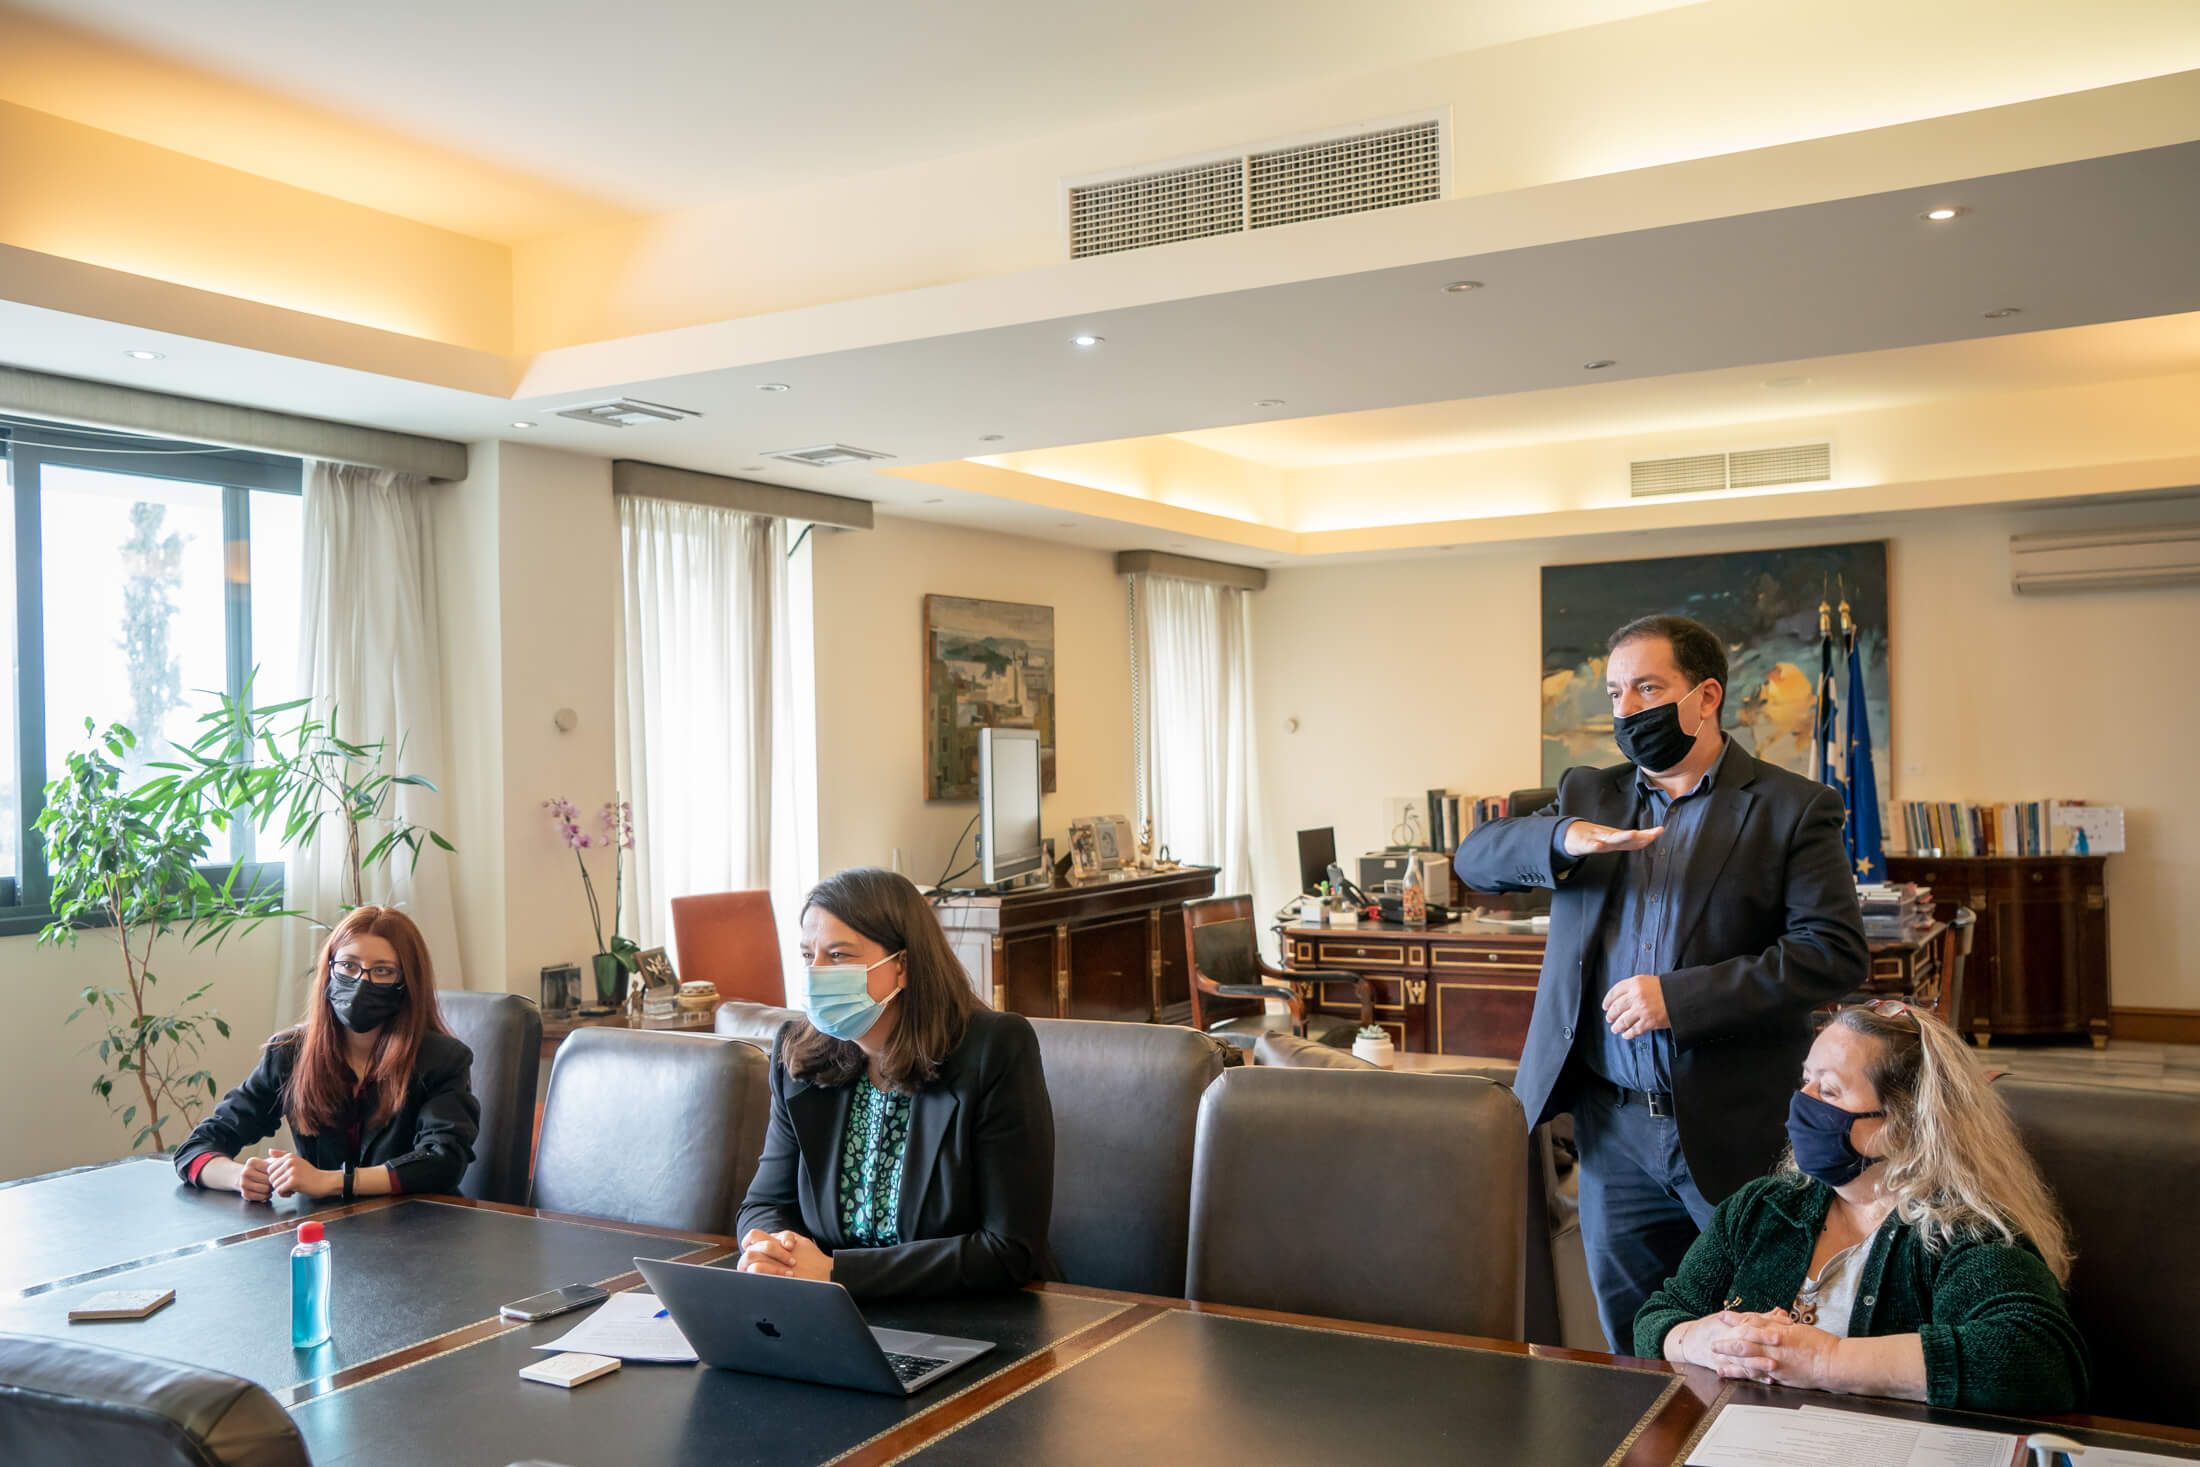 Συνάντηση Κεραμέως με τους δημιουργούς του Εθνικού Ύμνου στην Ελληνική Νοηματική Γλώσσα